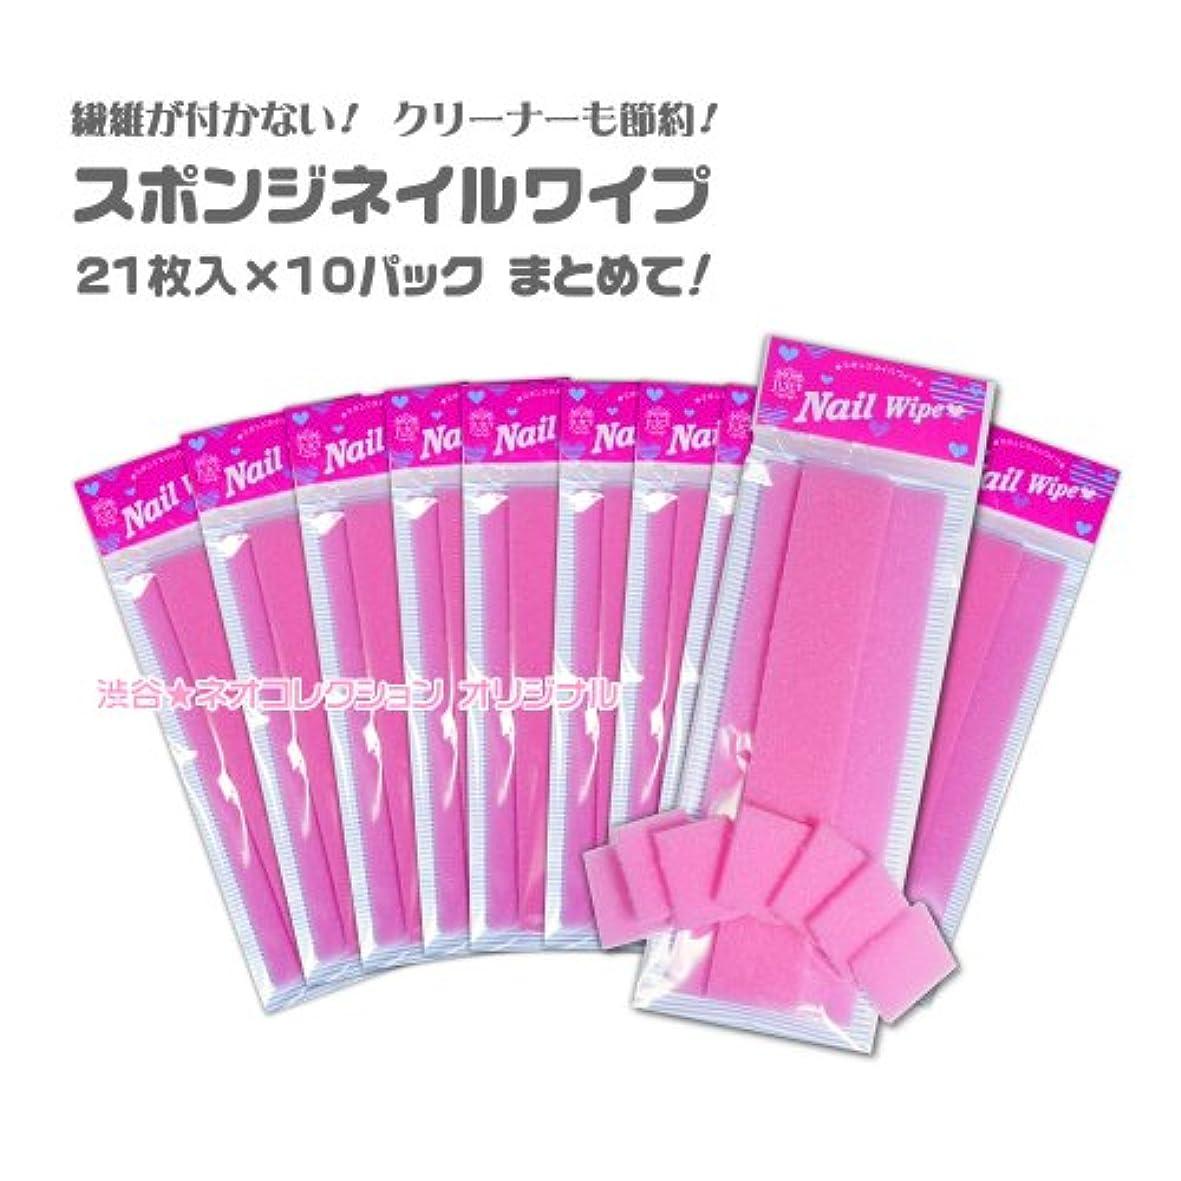 海外で買い手応答未硬化ジェルの拭き取りに ネイルワイプ 21枚×10パック スポンジワイプジェルクリーナーと一緒に使用